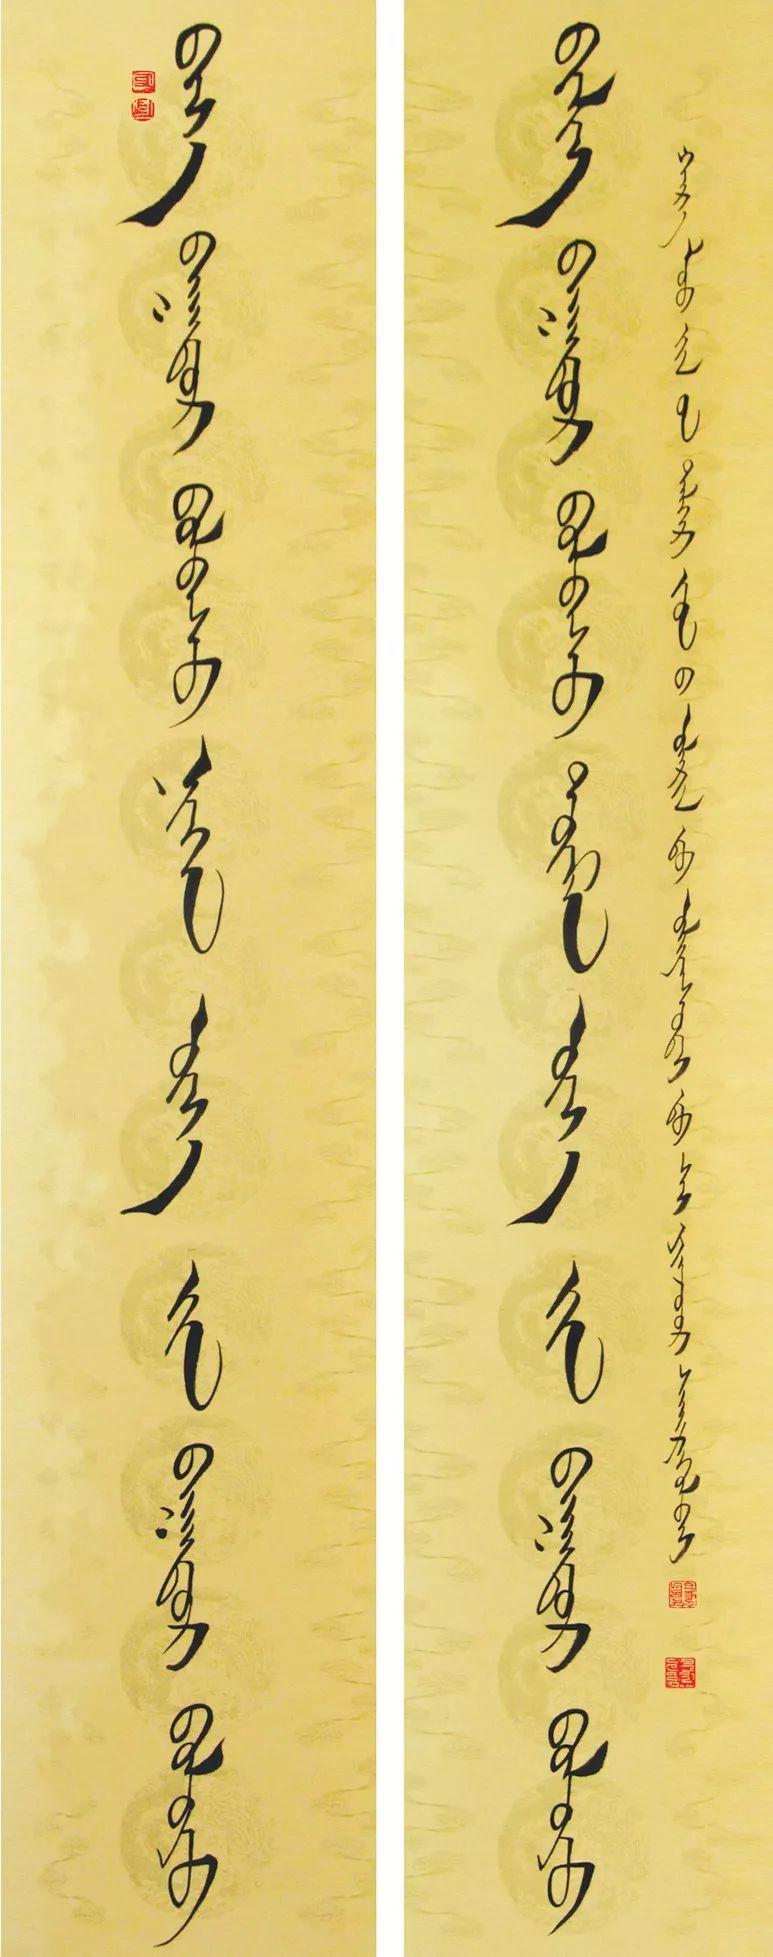 周五展 | 蒙古文书法家席•银柱印象 第13张